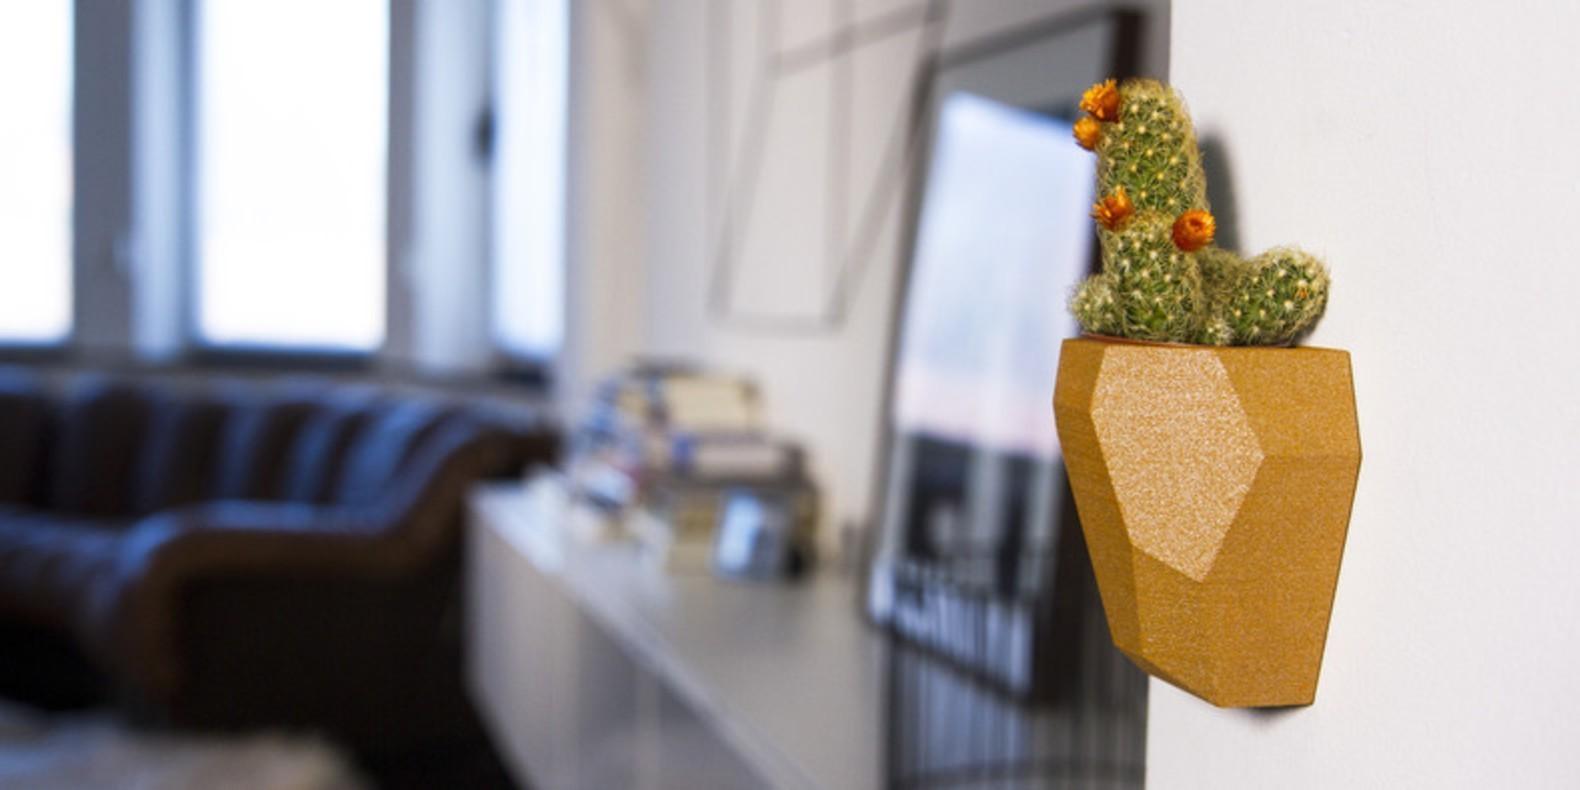 Voici une sélection des meilleurs fichiers 3D pour imprimer en 3D ses pots de fleurs